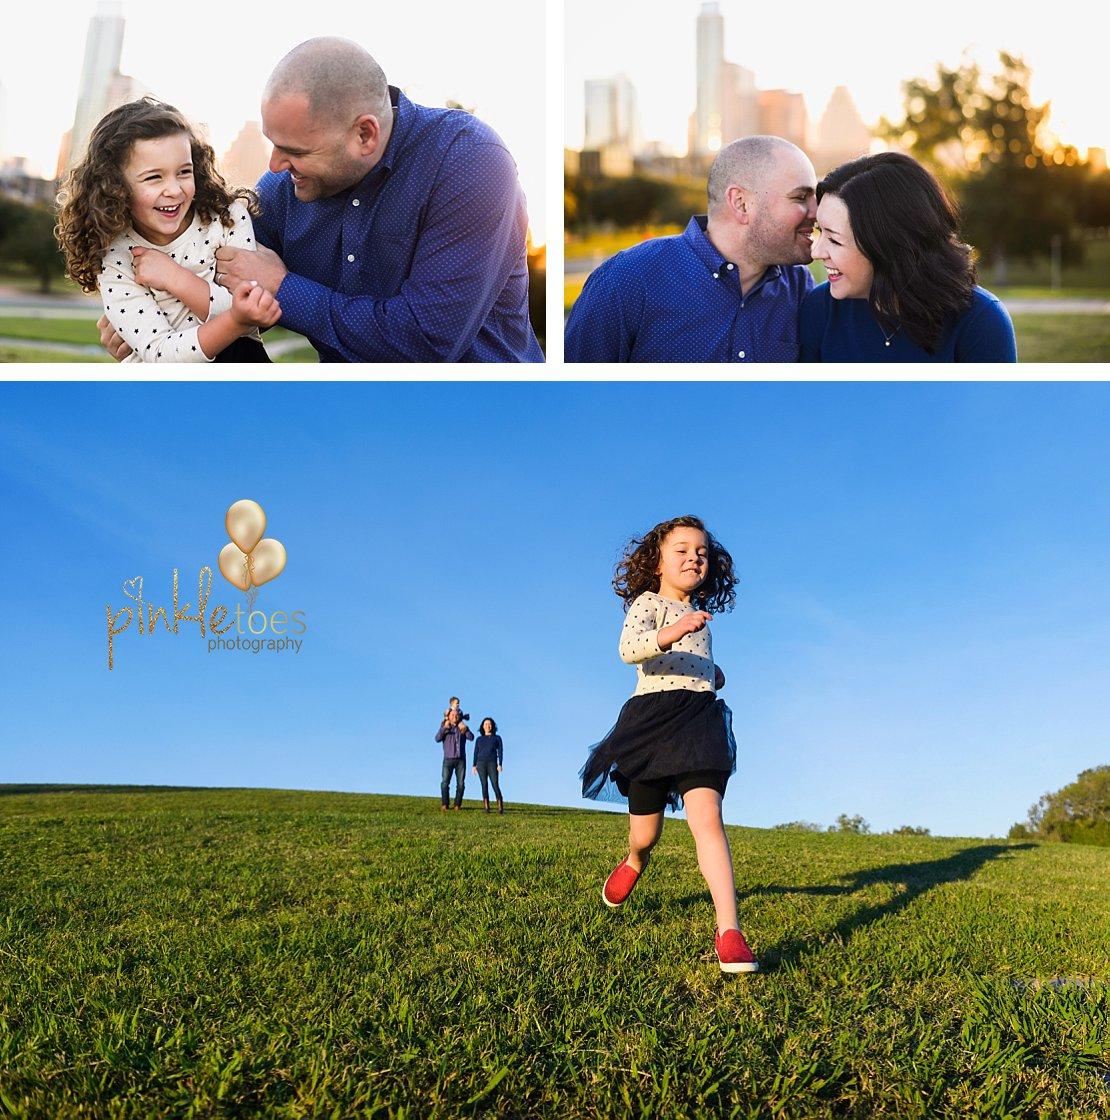 austin-family-lifestyle-city-urban-kids-photographer-004